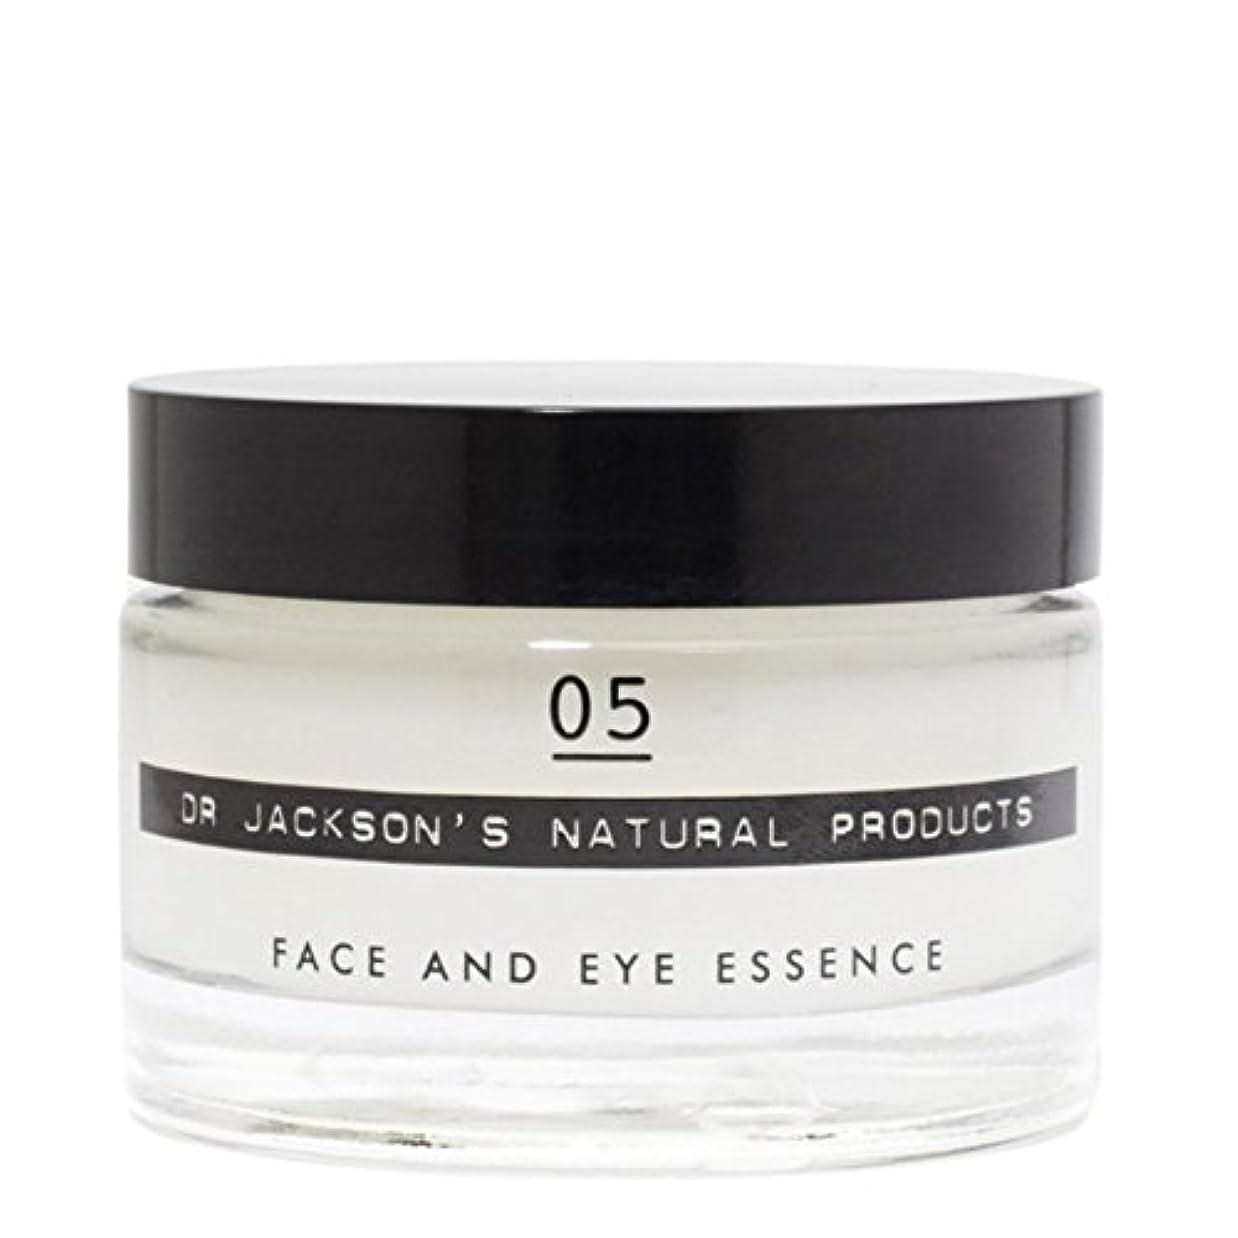 番号突然キリスト教Dr Jackson's 05 Face and Eye Essence 50ml (Pack of 6) - ジャクソンの05顔や目の本質50ミリリットル x6 [並行輸入品]